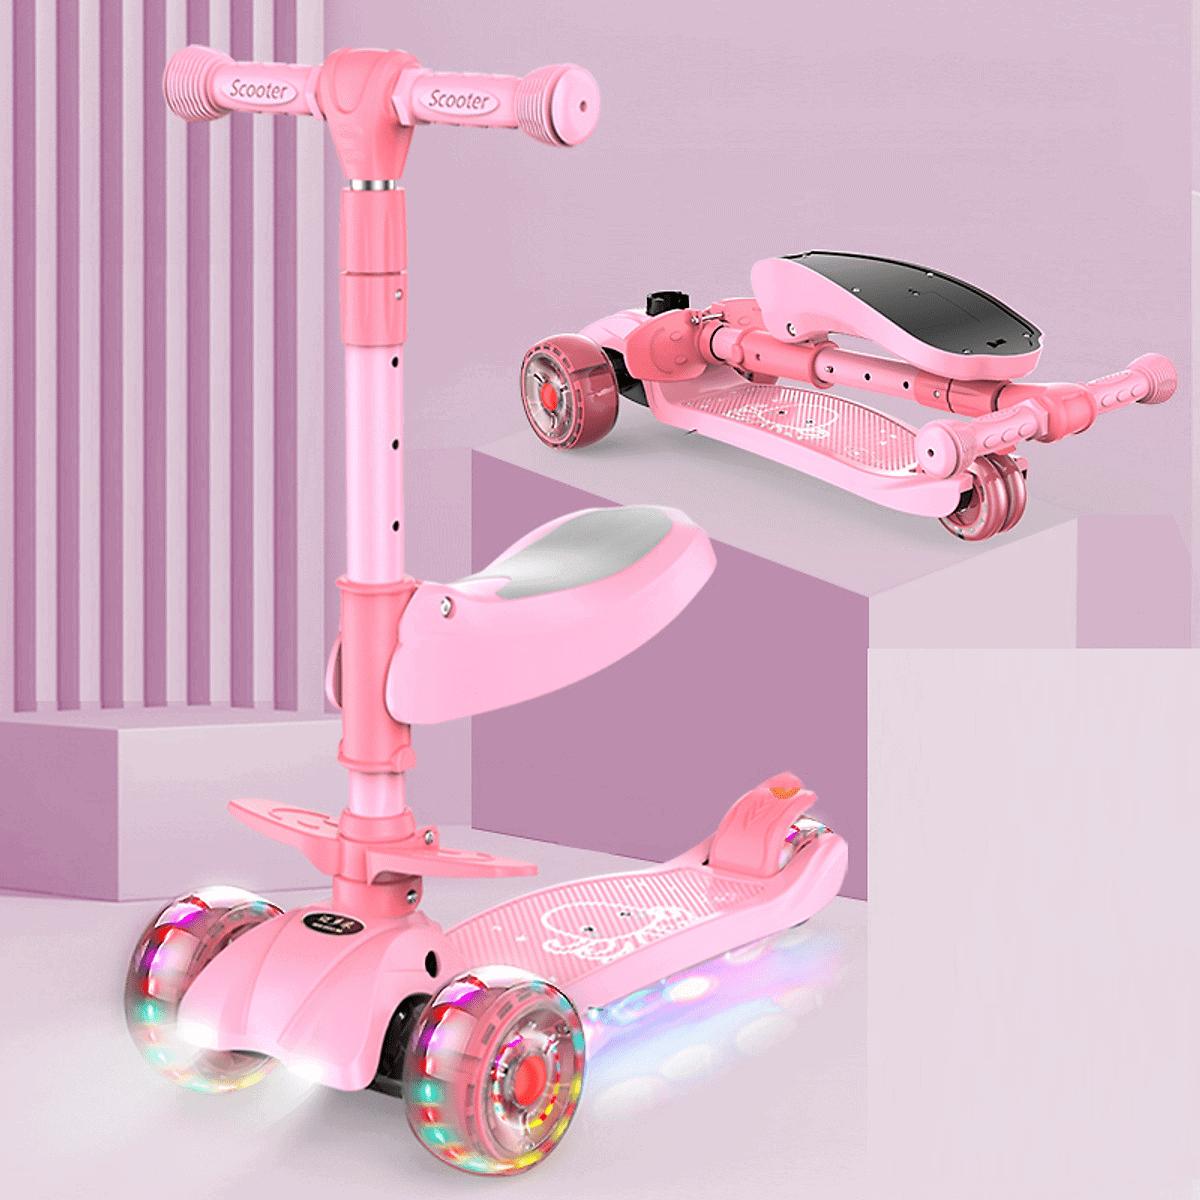 Đồ chơi xe trượt Scooter 3 bánh cho trẻ em 5 tuổi